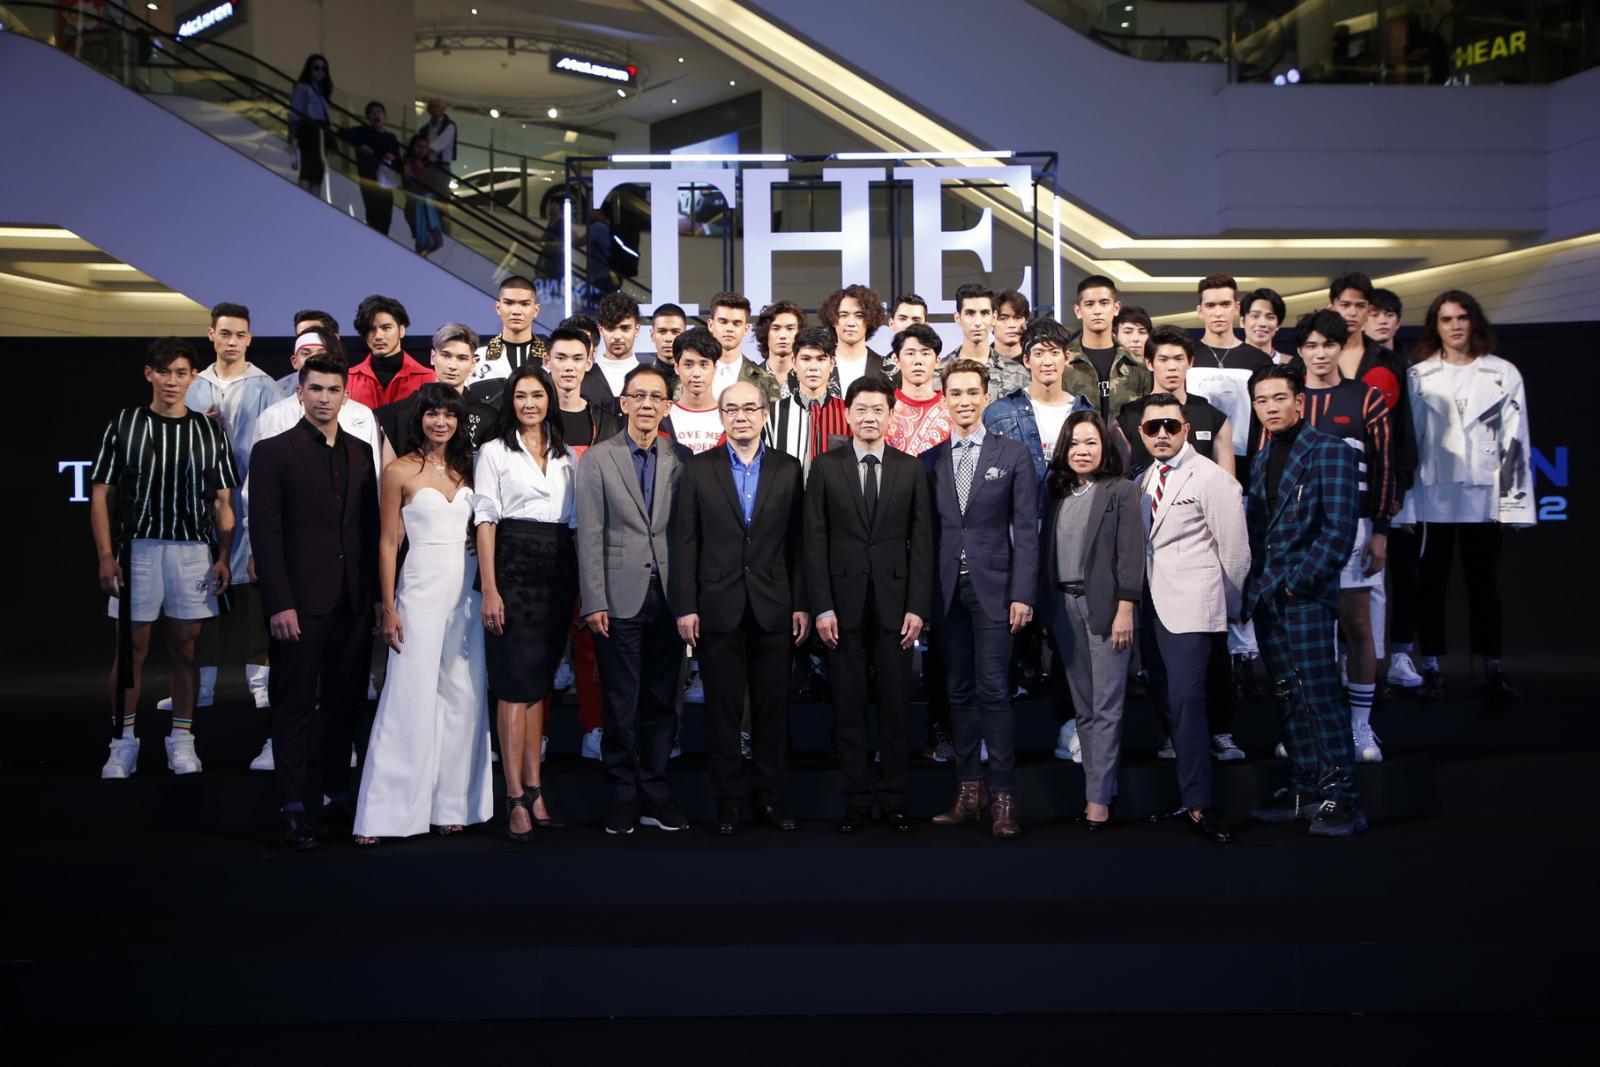 แซ่บตั้งแต่ยังไม่ออนแอร์! THE FACE MEN THAILAND 2  จัดตัวแม่ ลูกเกด เมทินี เป็นมาสเตอร์คนแรกของรายการ